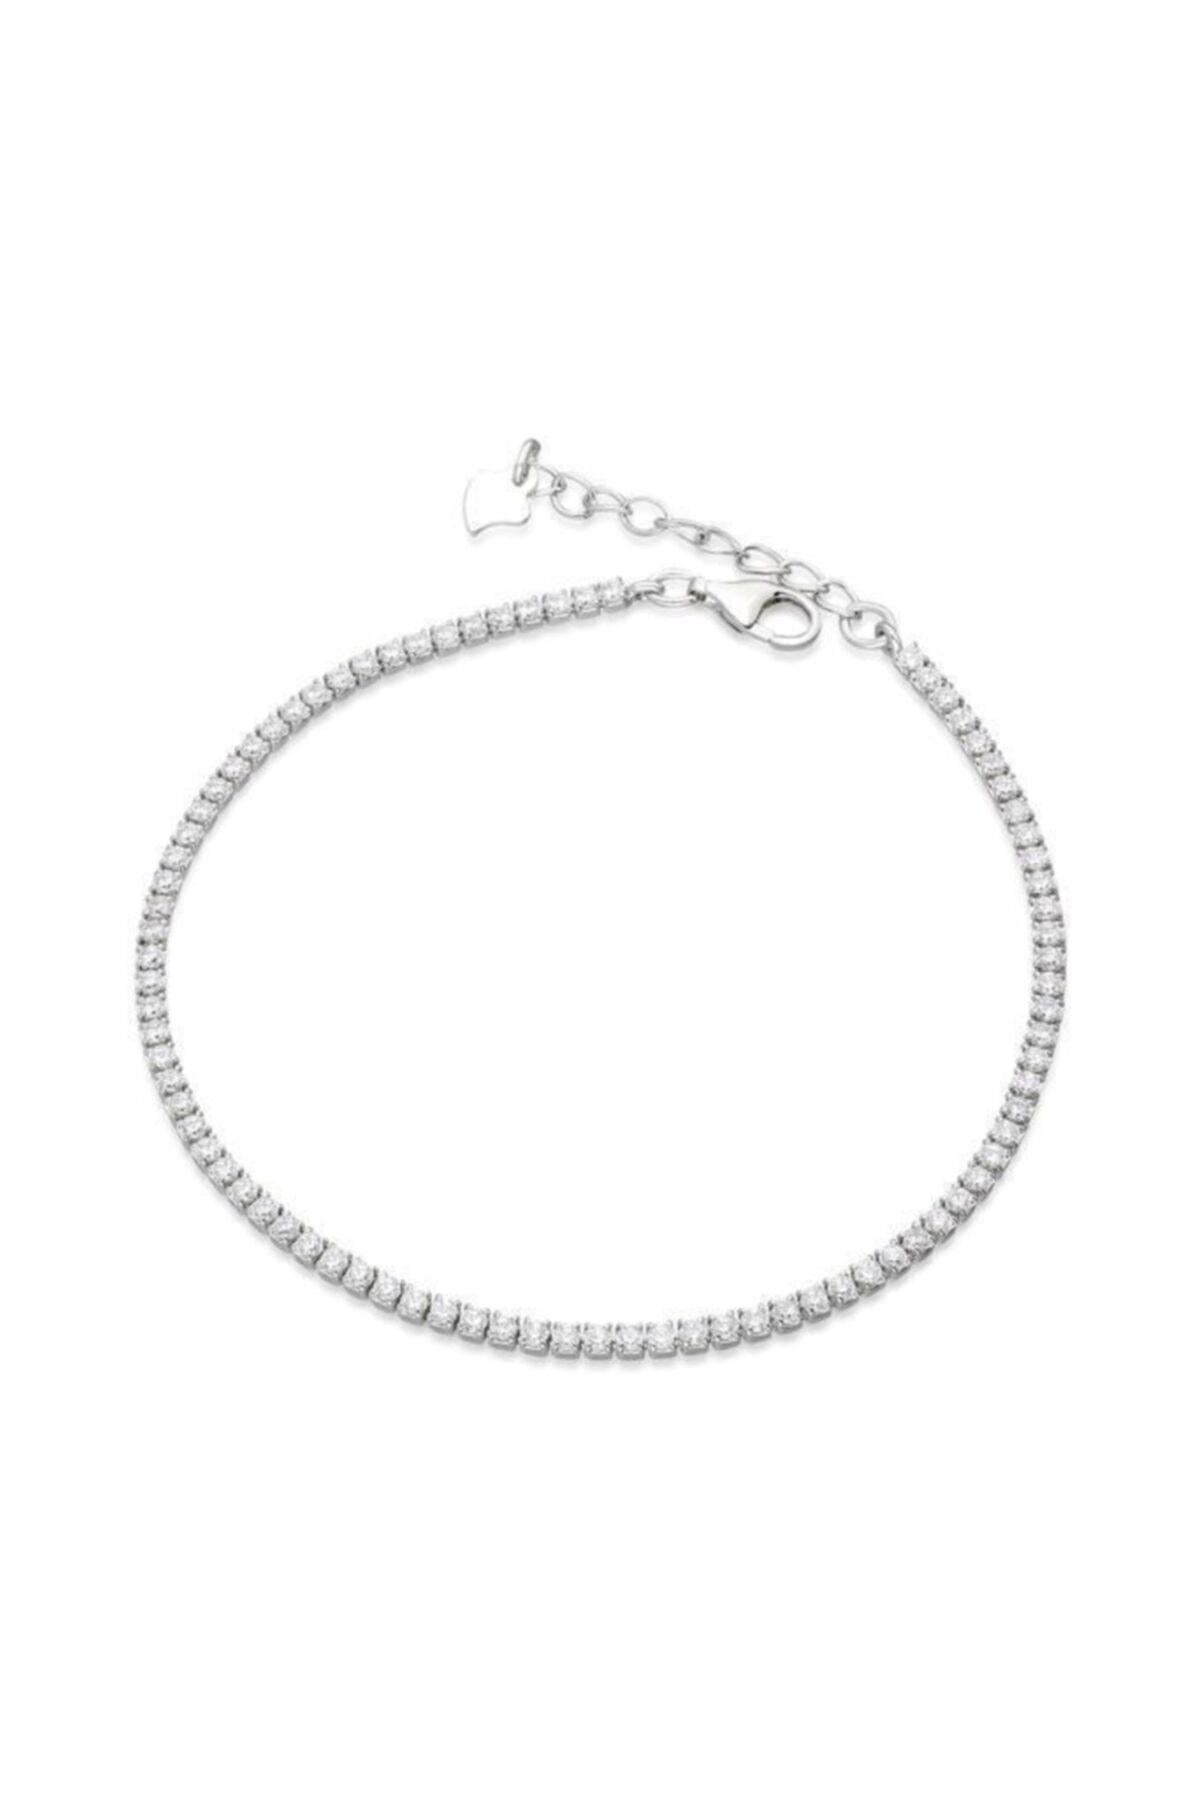 Aykat Su Yolu Bileklik Gümüş Taşlı Ince Bayan Bilekliği Blk-316 1